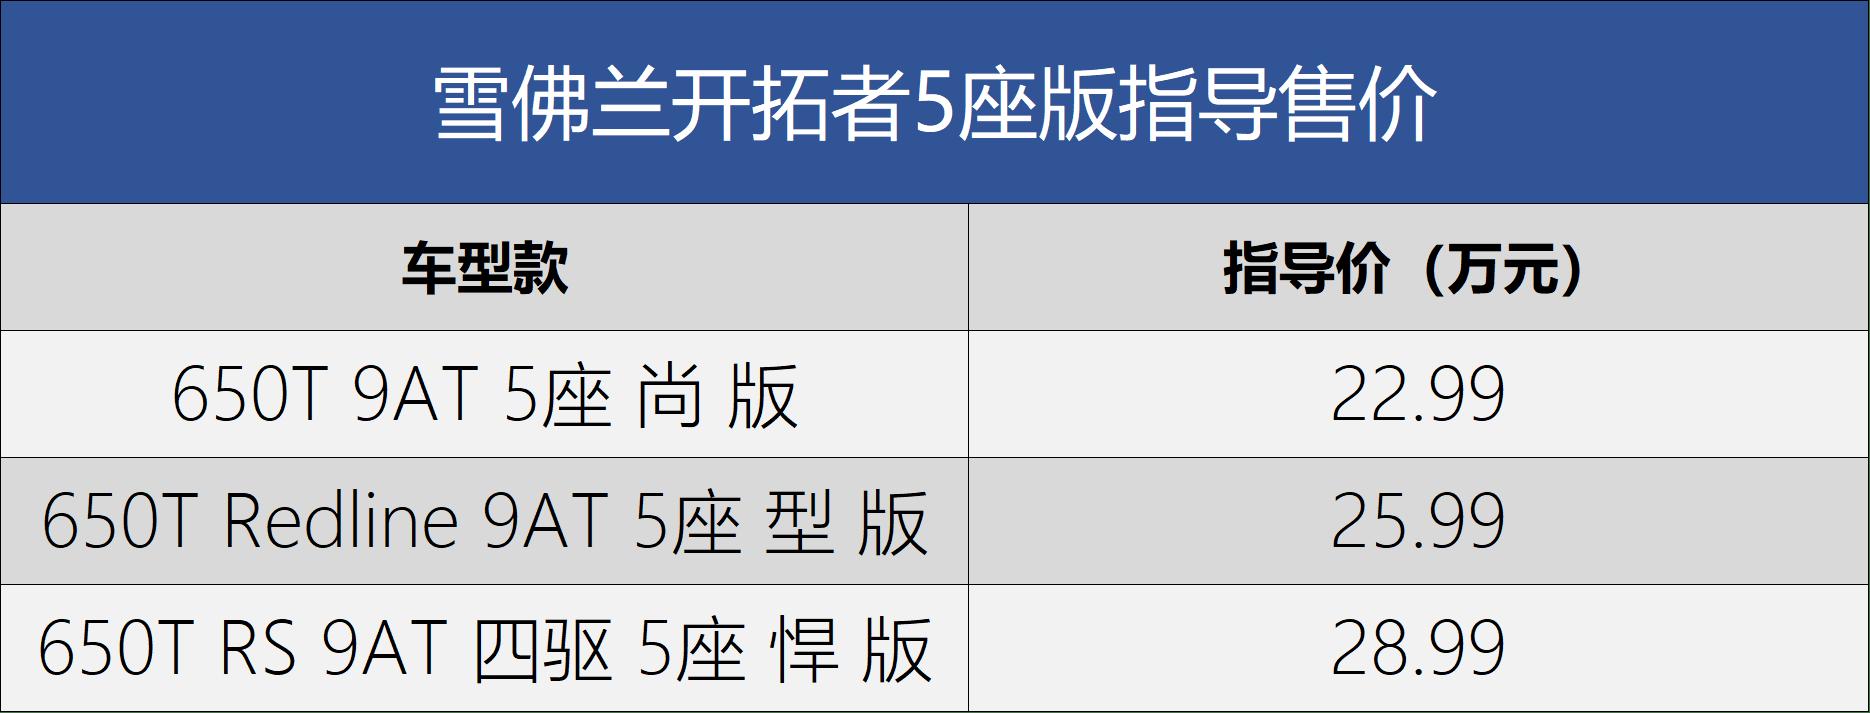 雪佛兰开拓者5座版上市 售价22.99-28.99万元